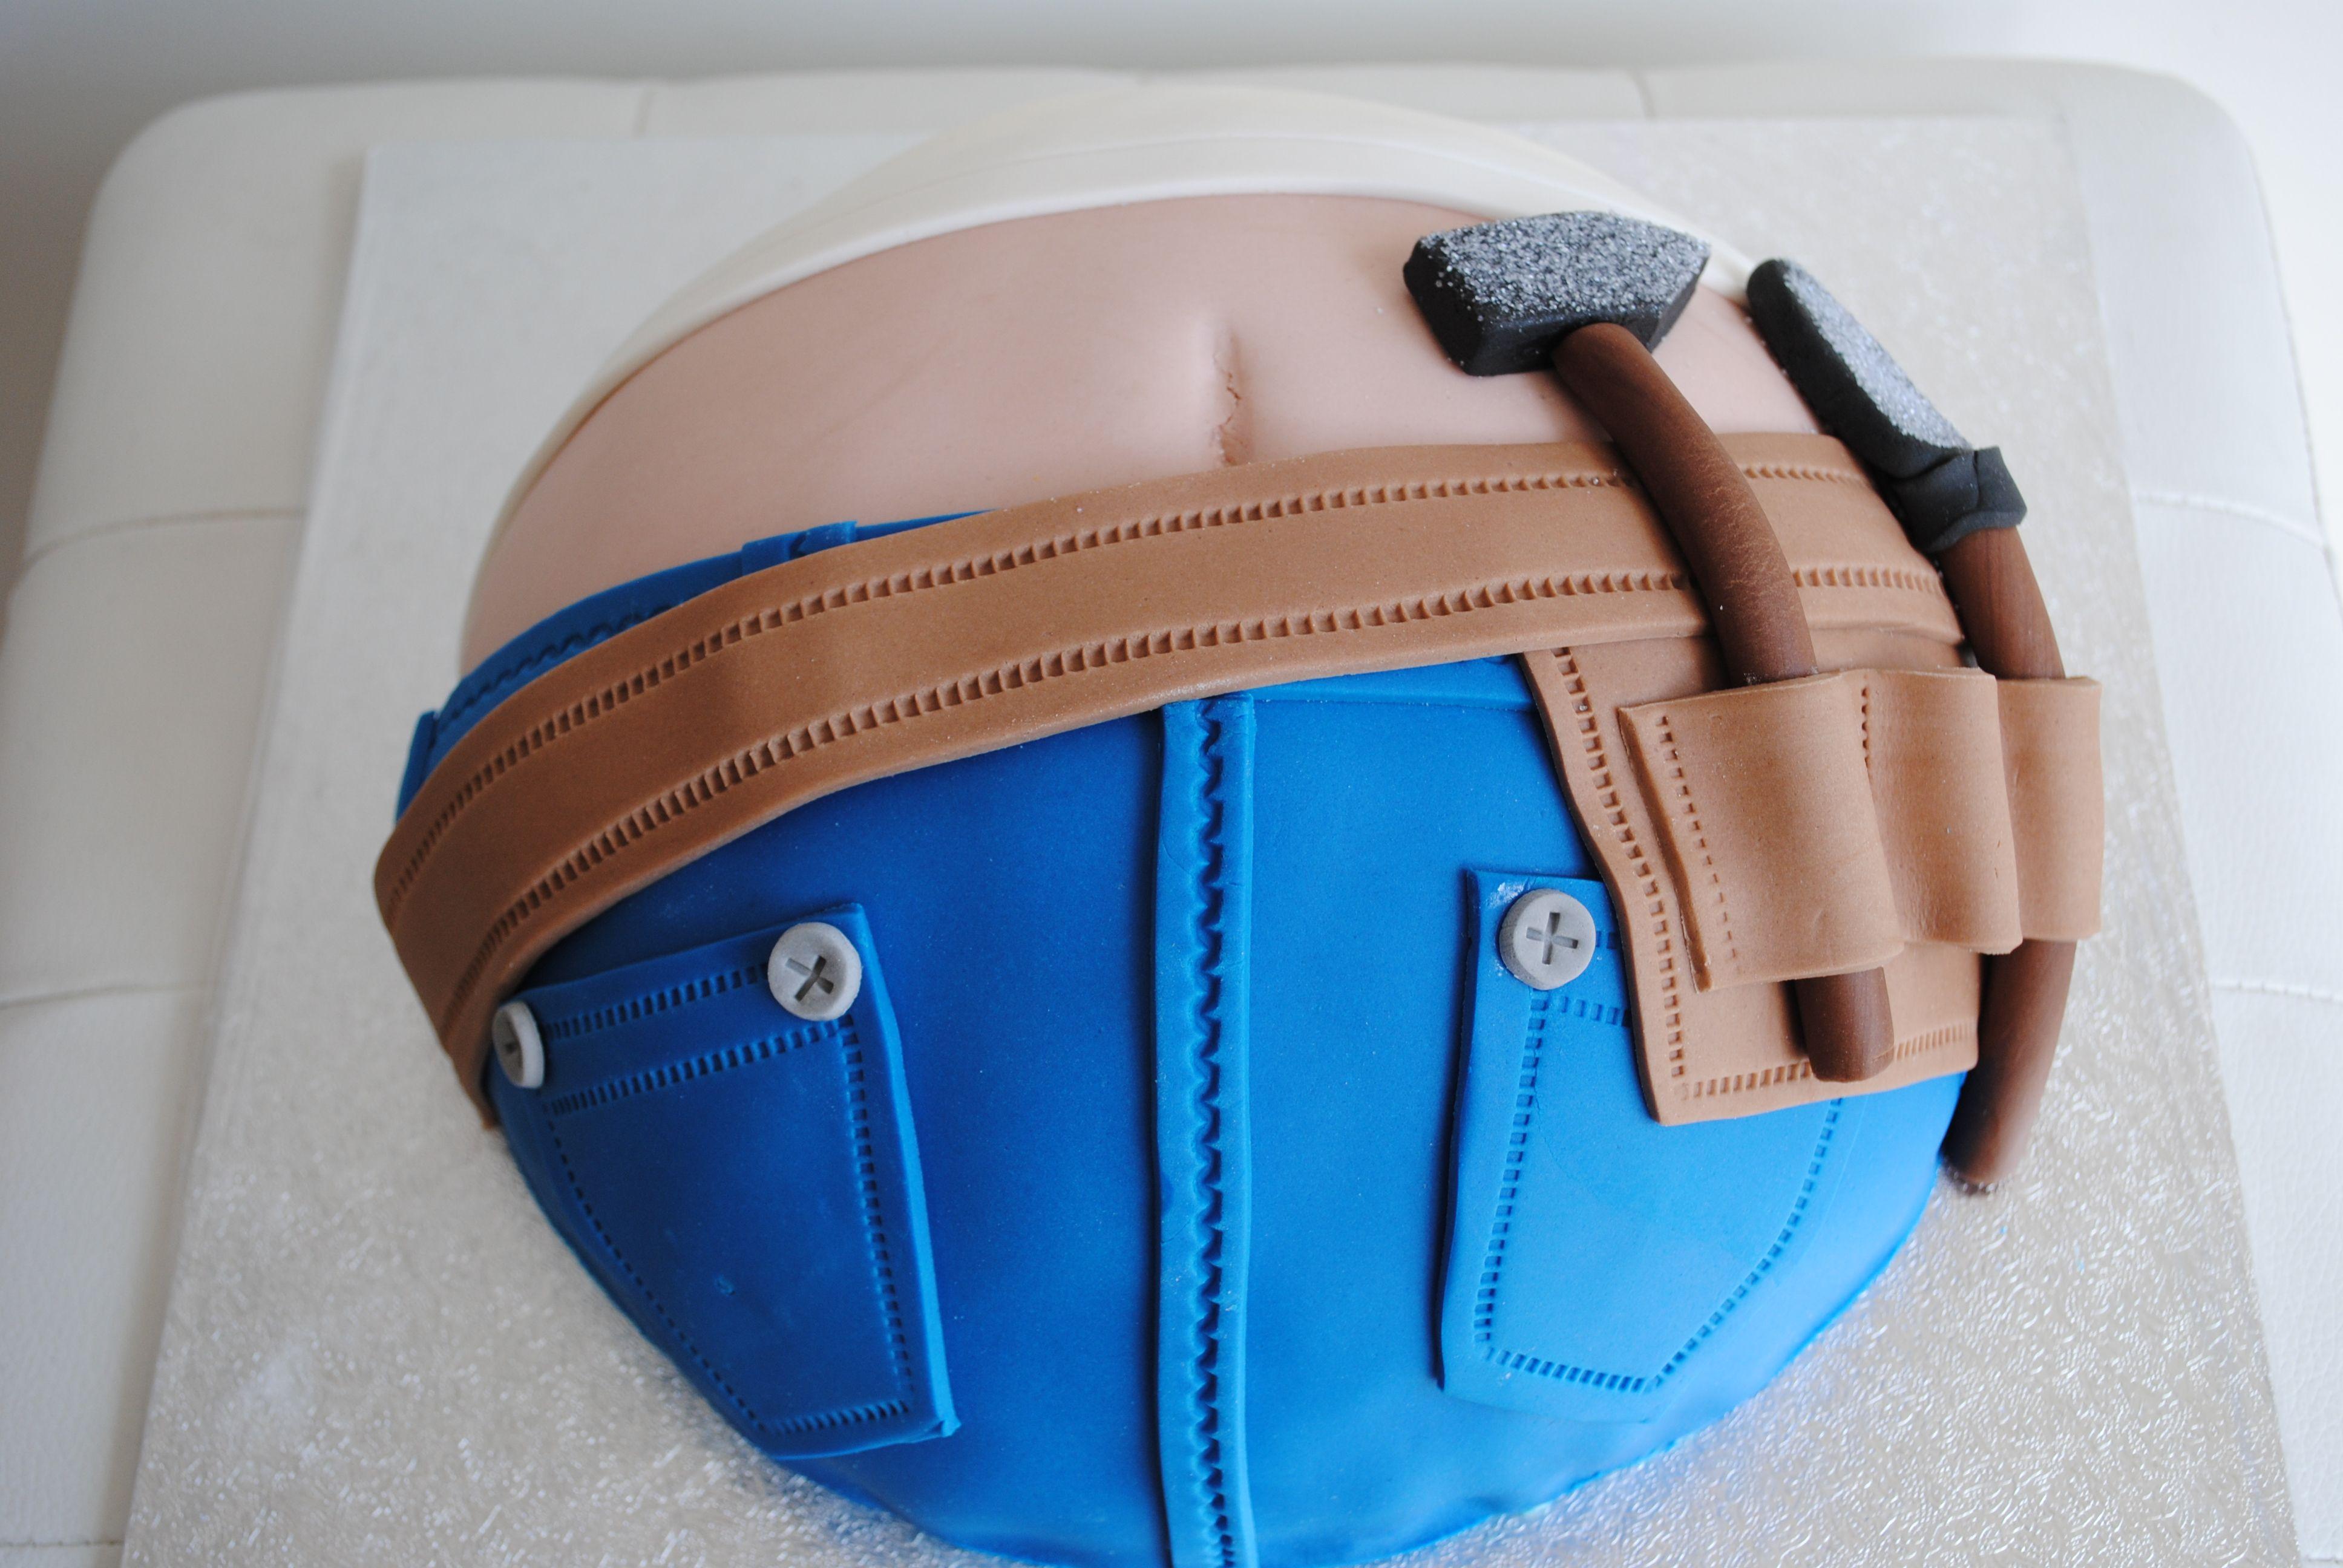 taart bouwvakker Bouwvakker taart | bouwvakker | Pinterest | Cake taart bouwvakker